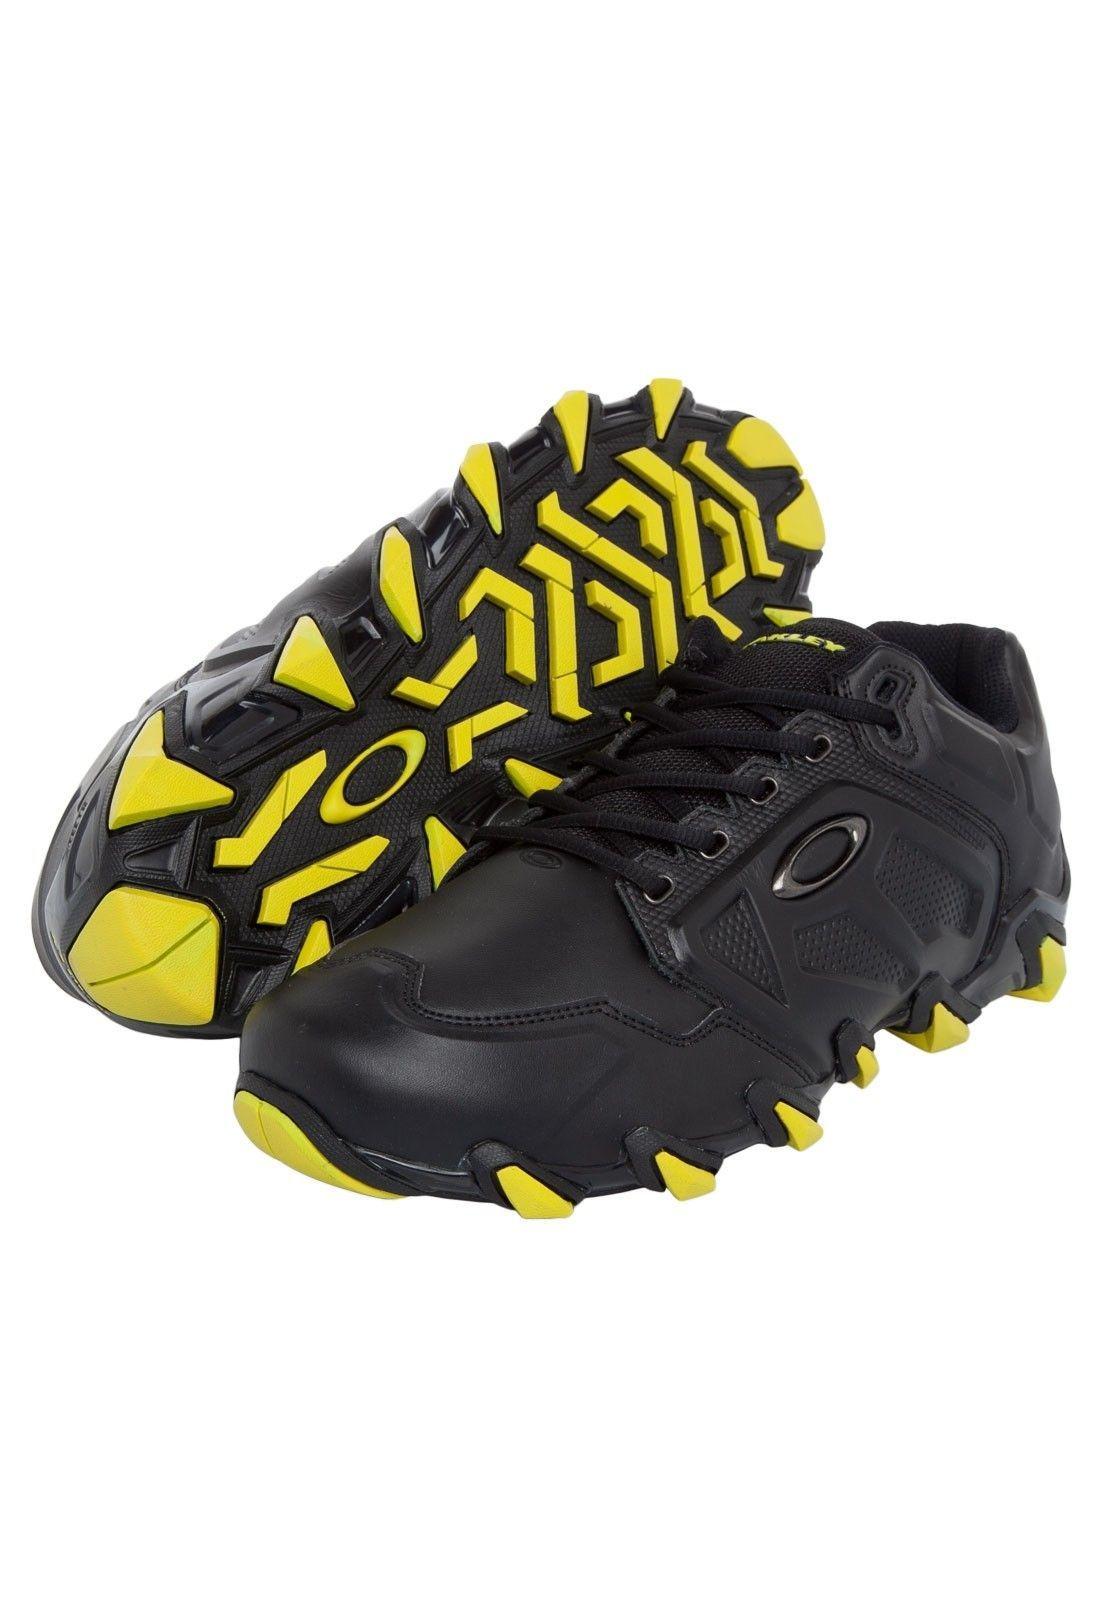 Oakley Shoes, From Brazil - Oakley-Tênis-Oakley-Teeth-Preto-1143-5221361-1-zoom.jpg